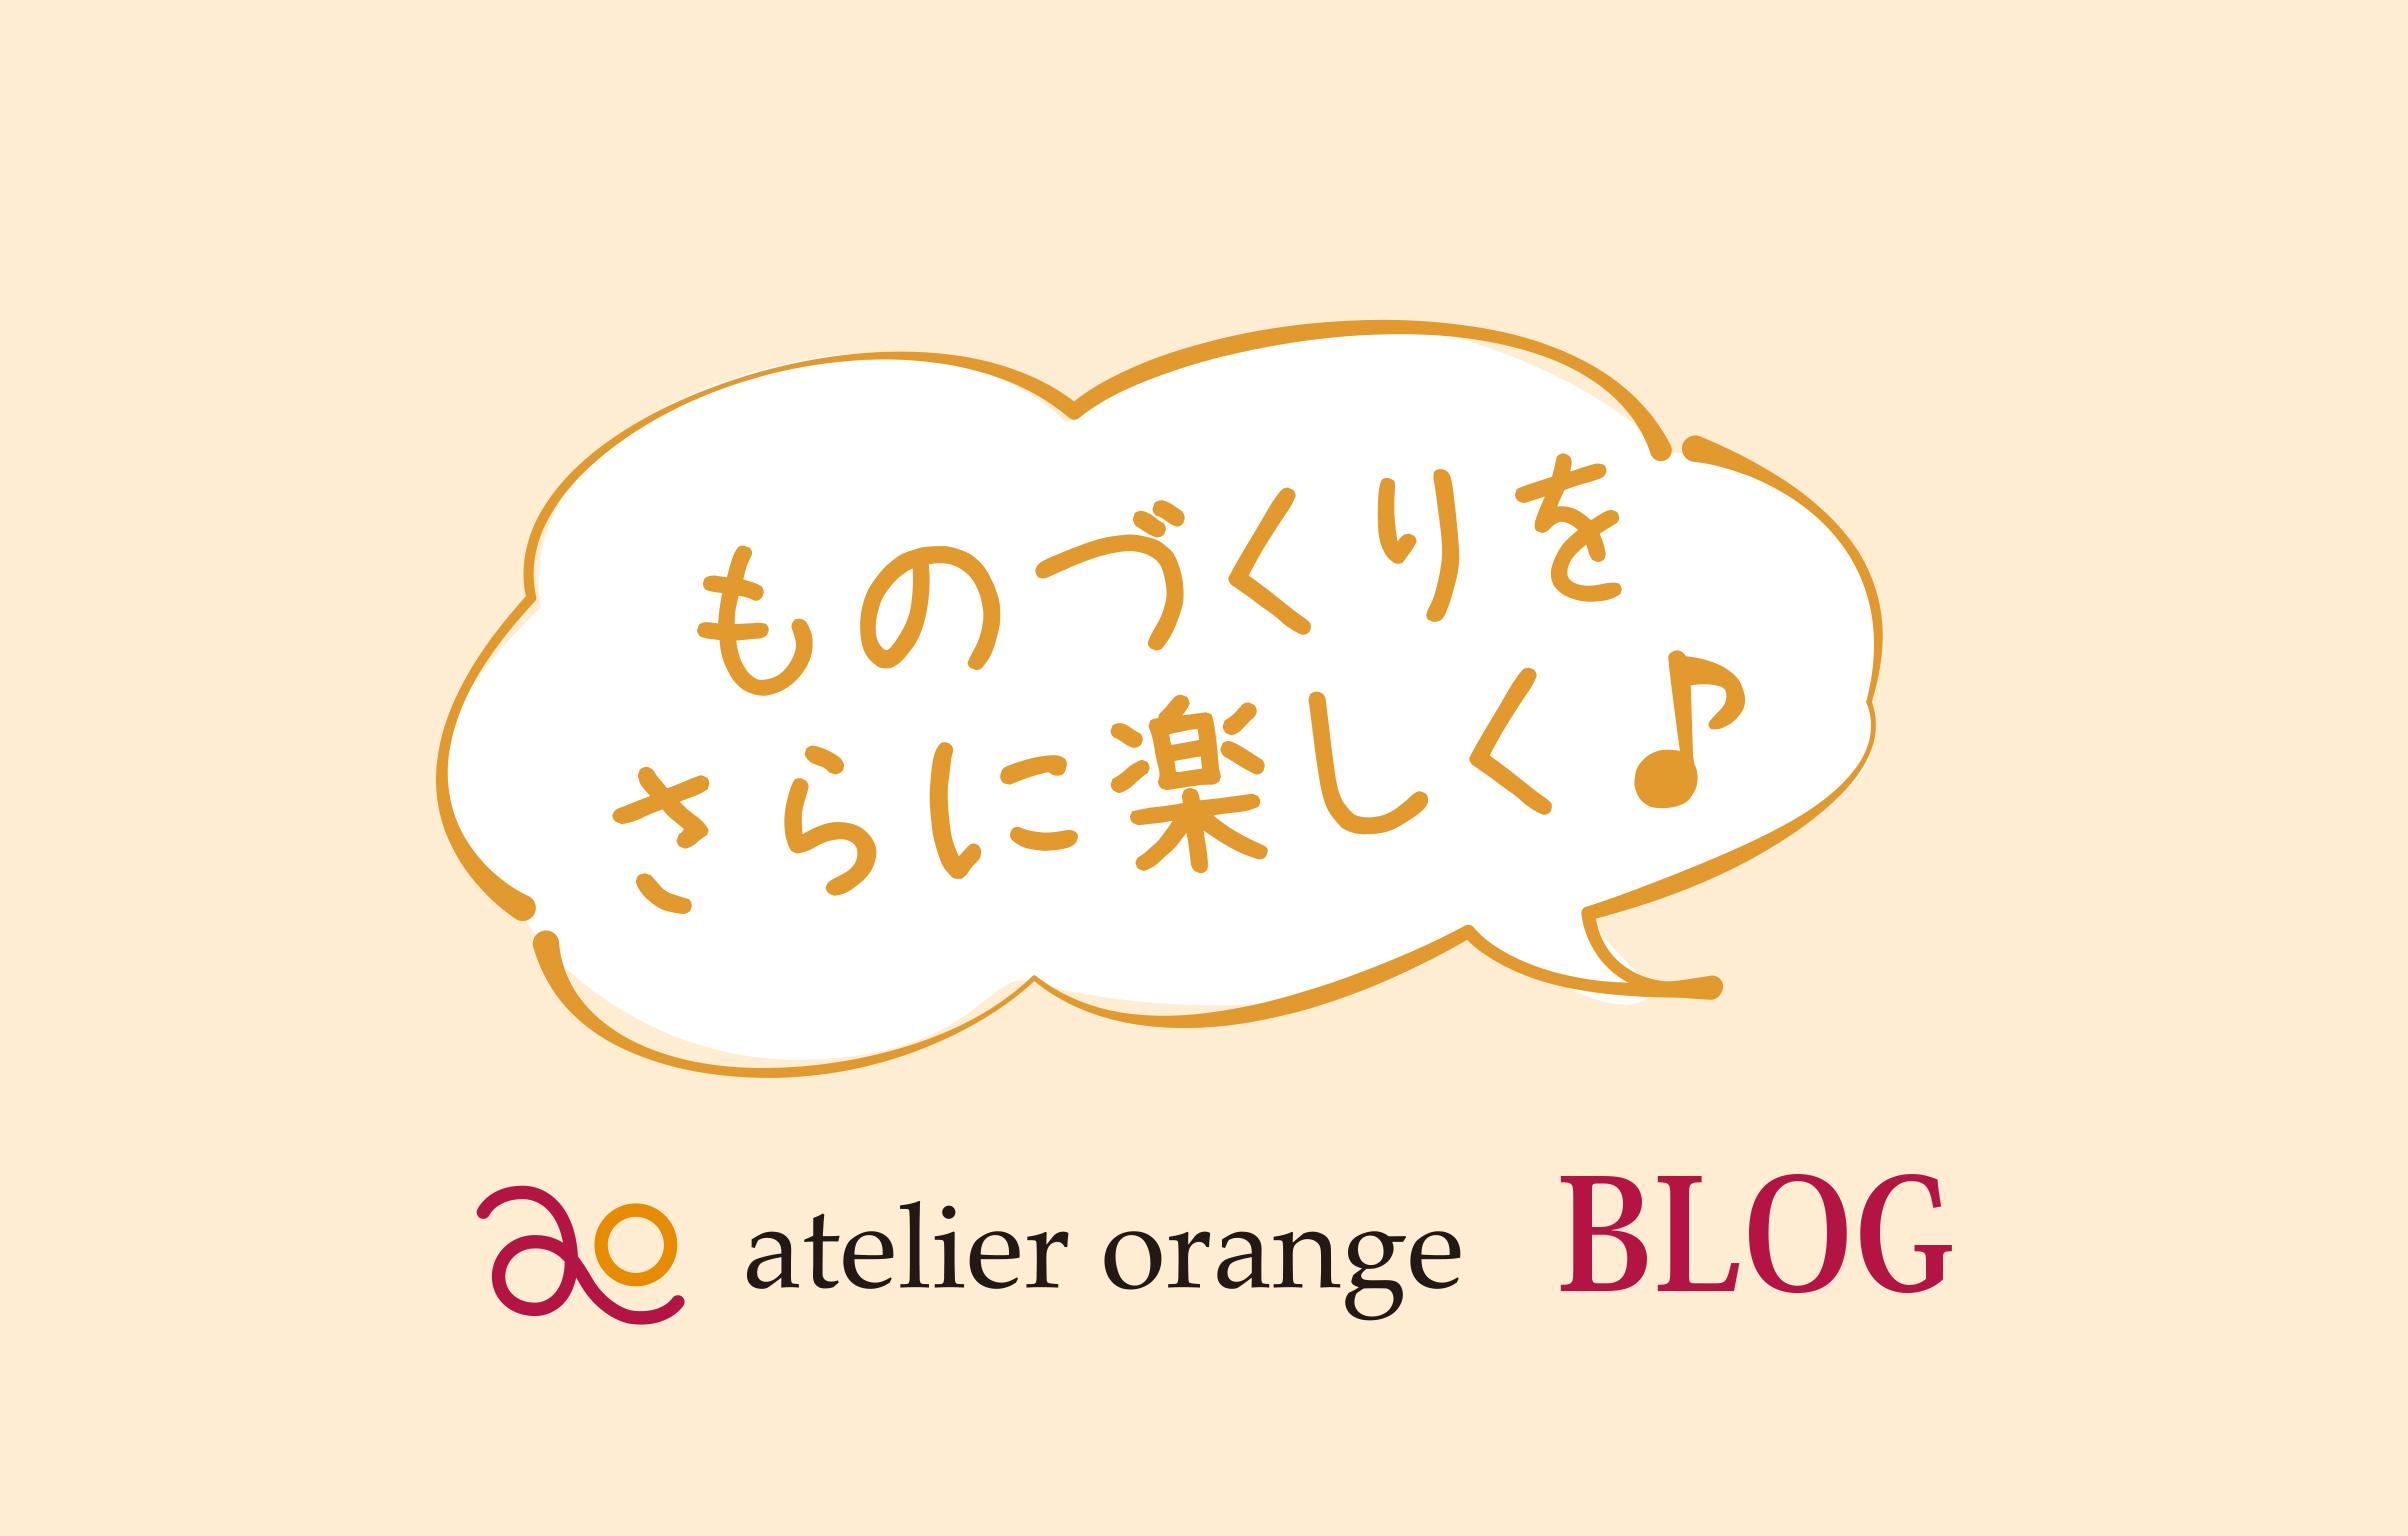 ブログを始めます。